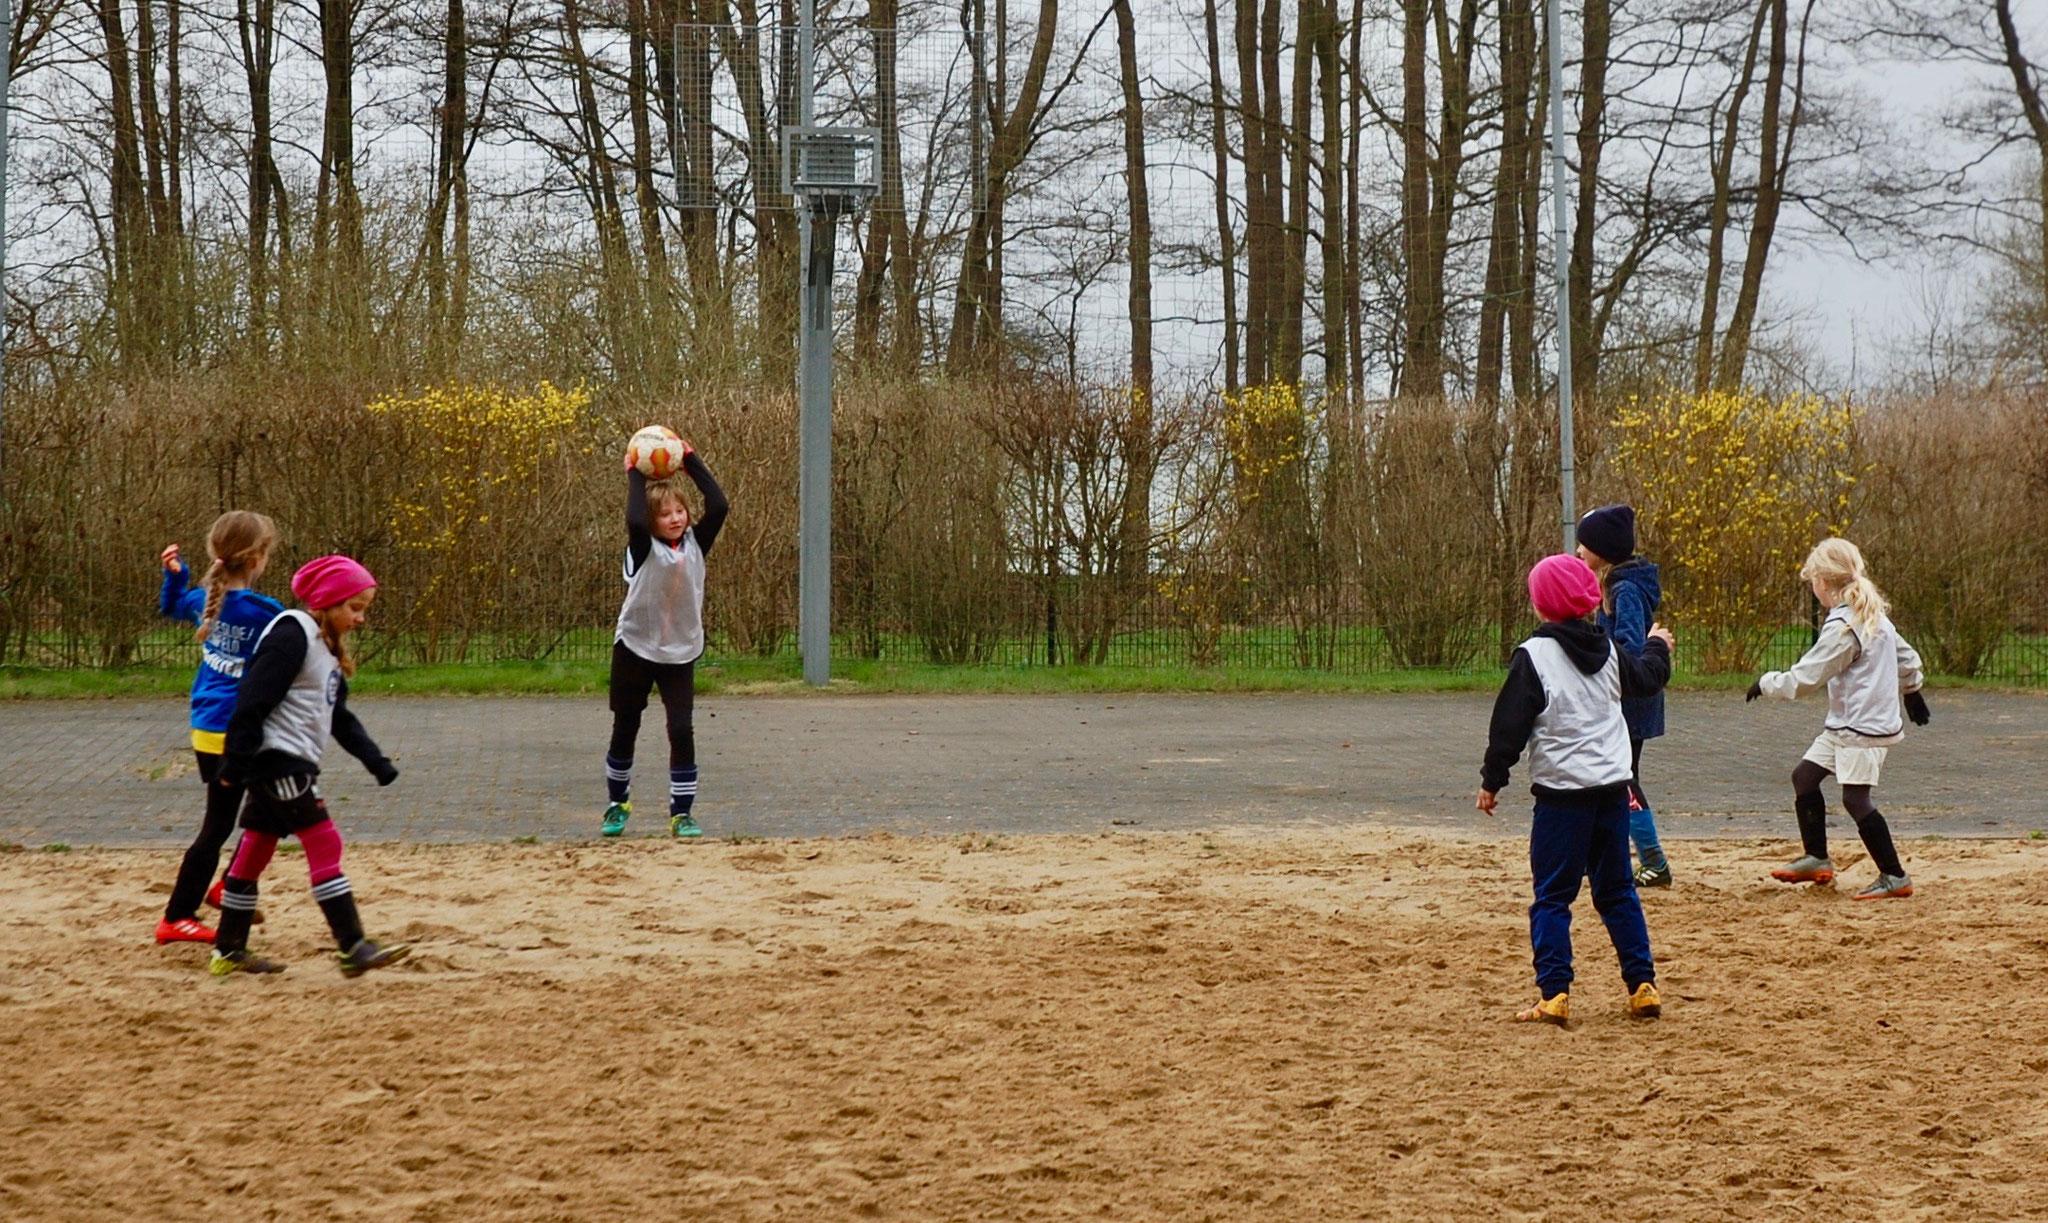 und besonders schwer für die Beine: beim Spiel auf dem Beach-Platz